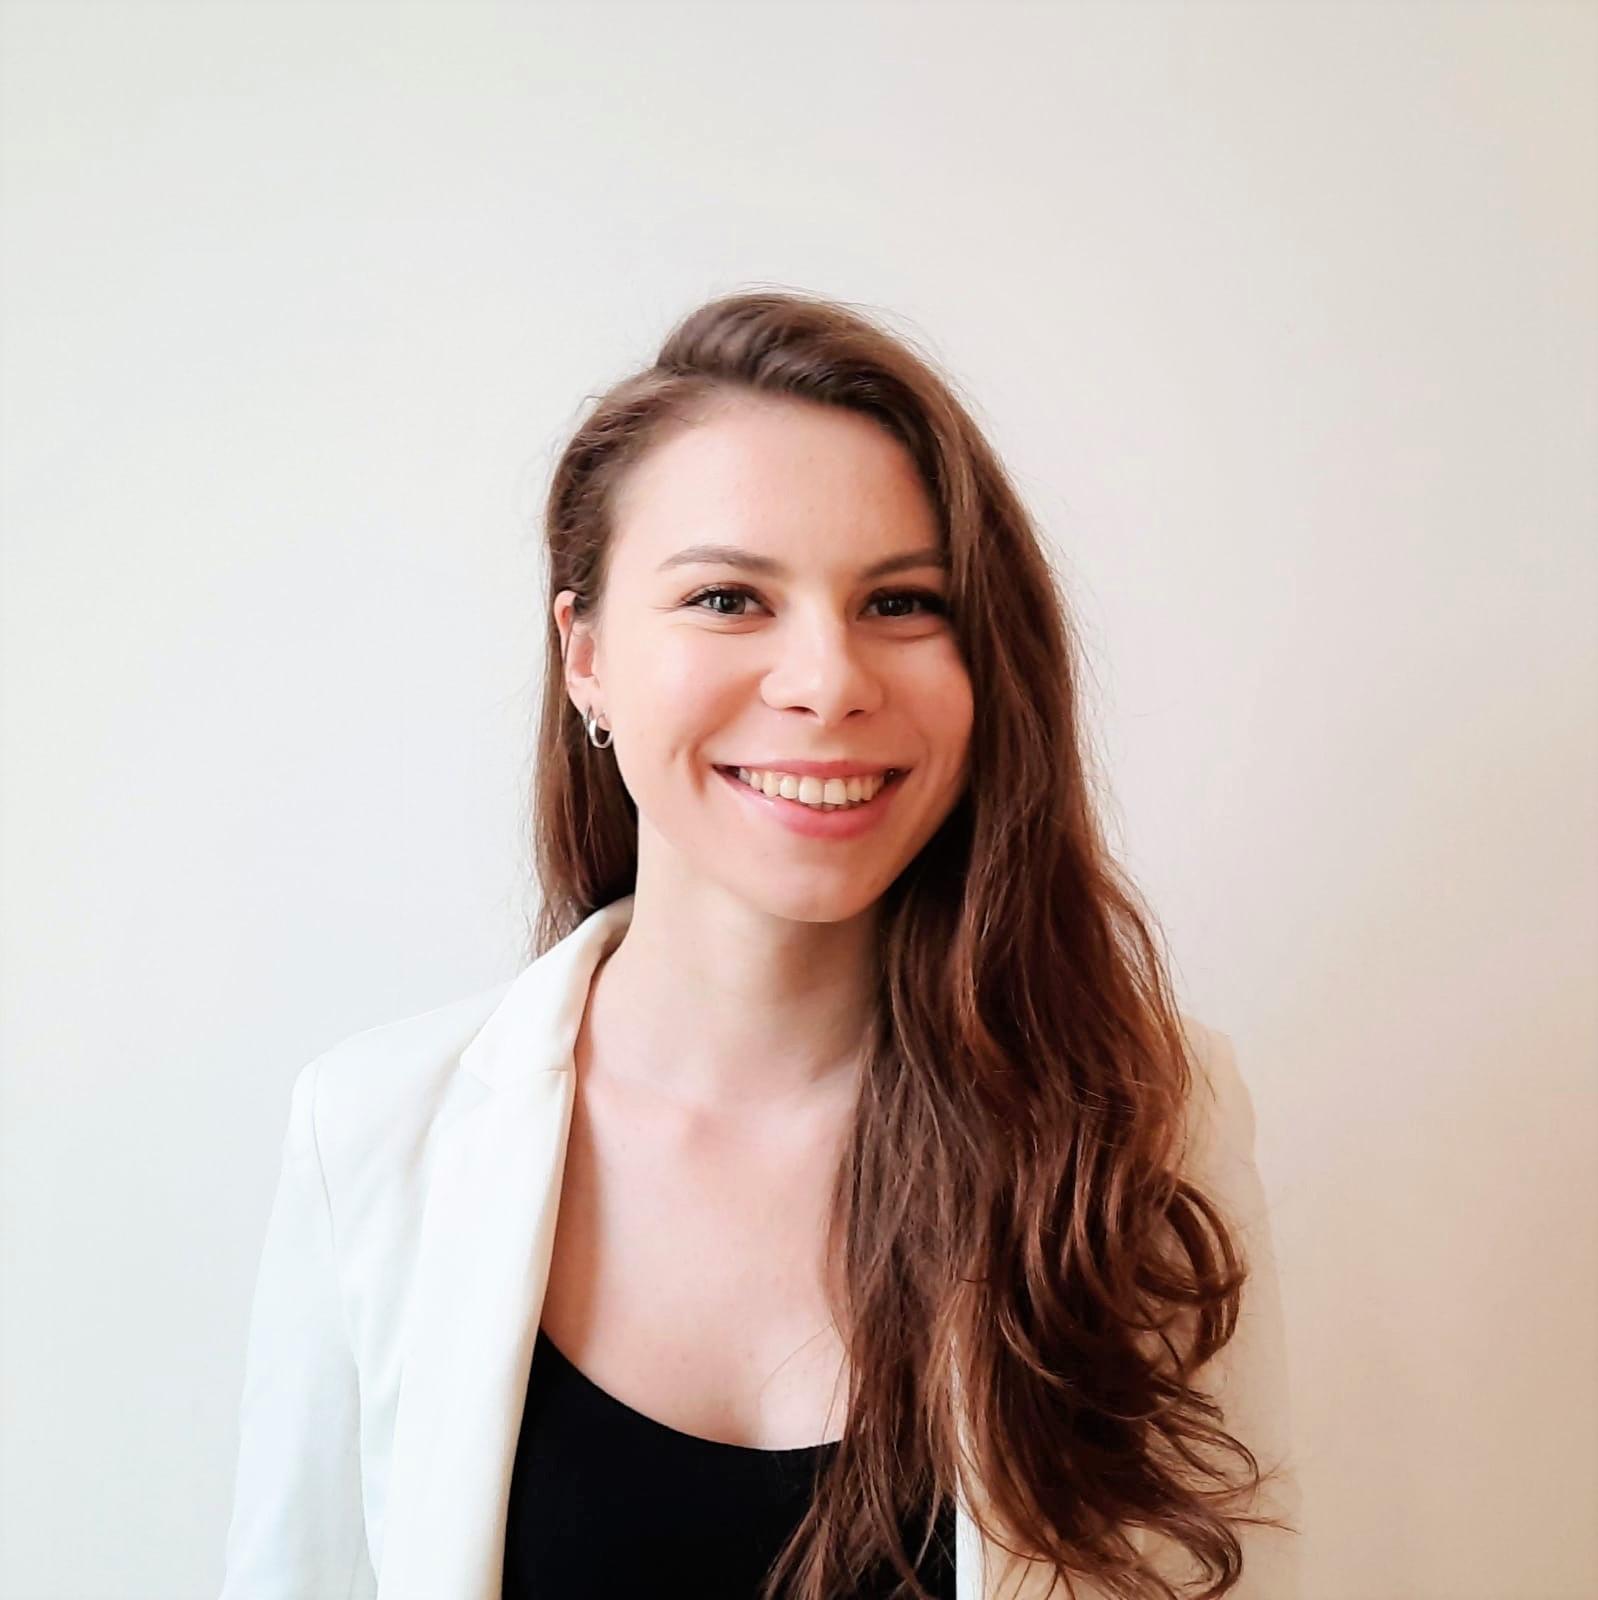 Agata Meysner